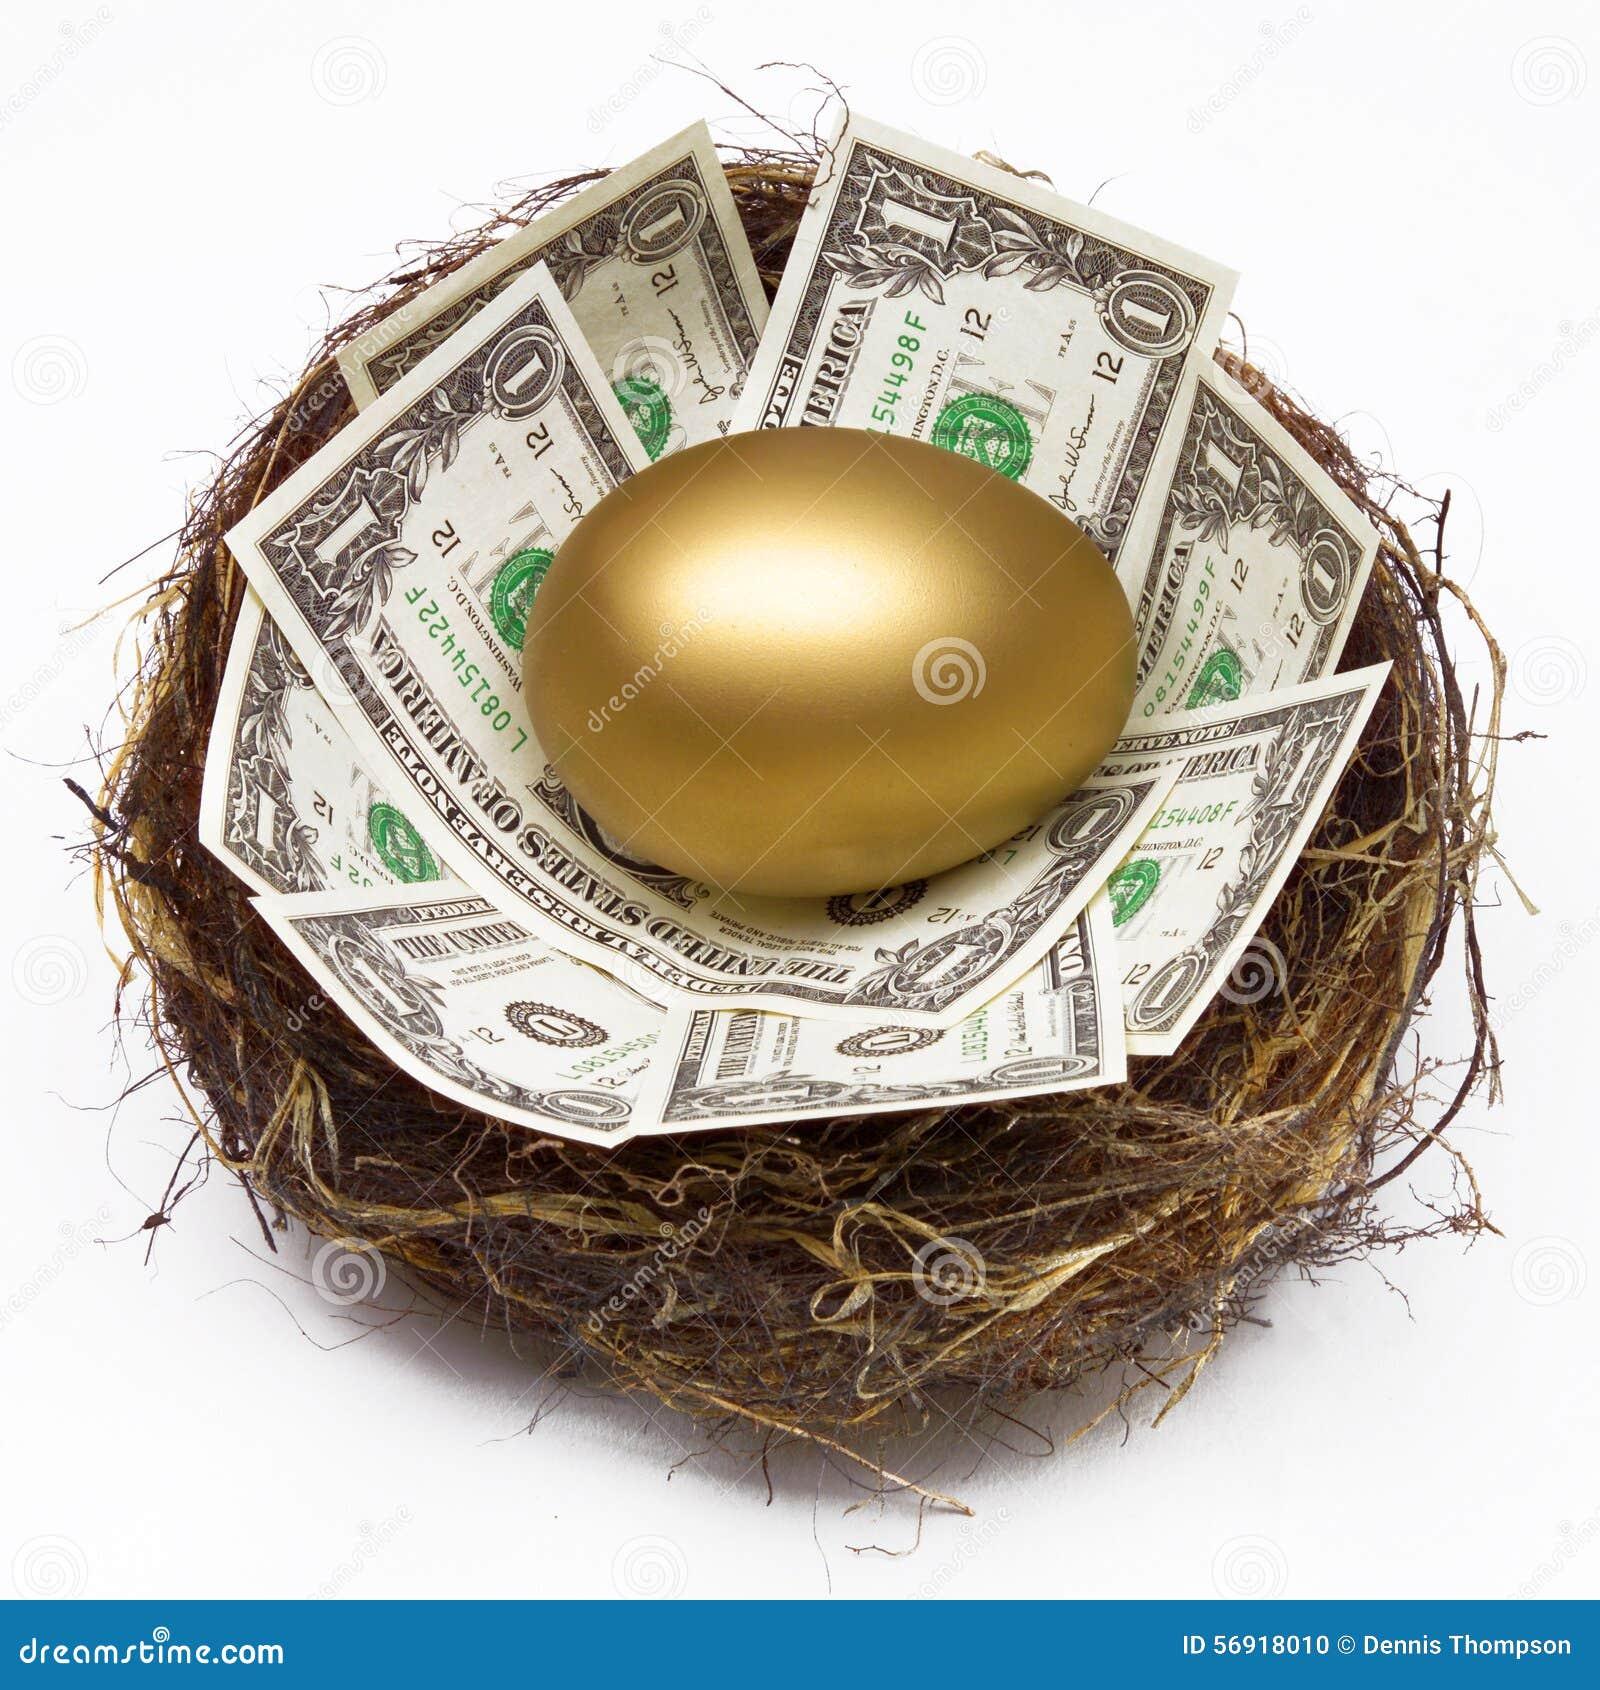 GNIAZDOWEGO jajka oszczędzania funduszu emerytalnego bogactwa PIENIĘŻNY planowanie